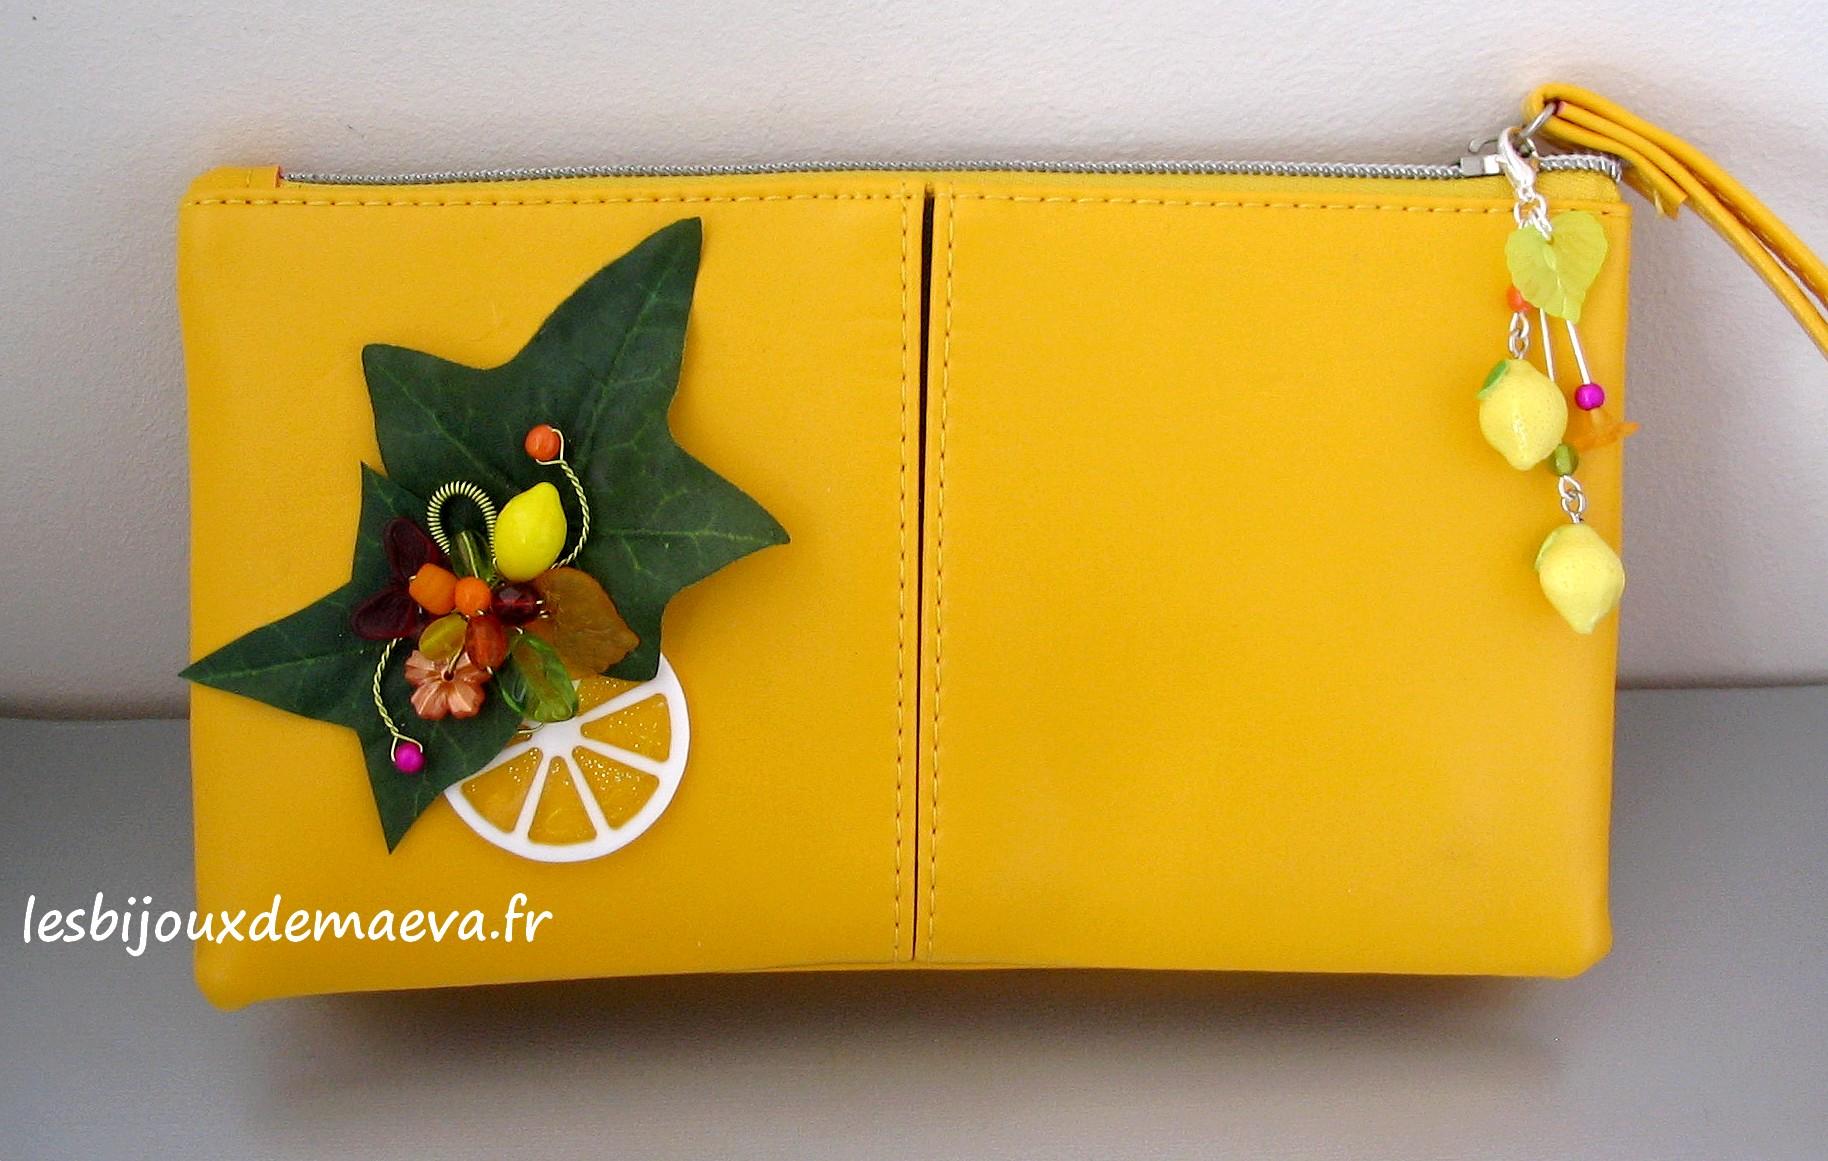 revendeur a9391 6323c Pochette fantaisie jaune Citron